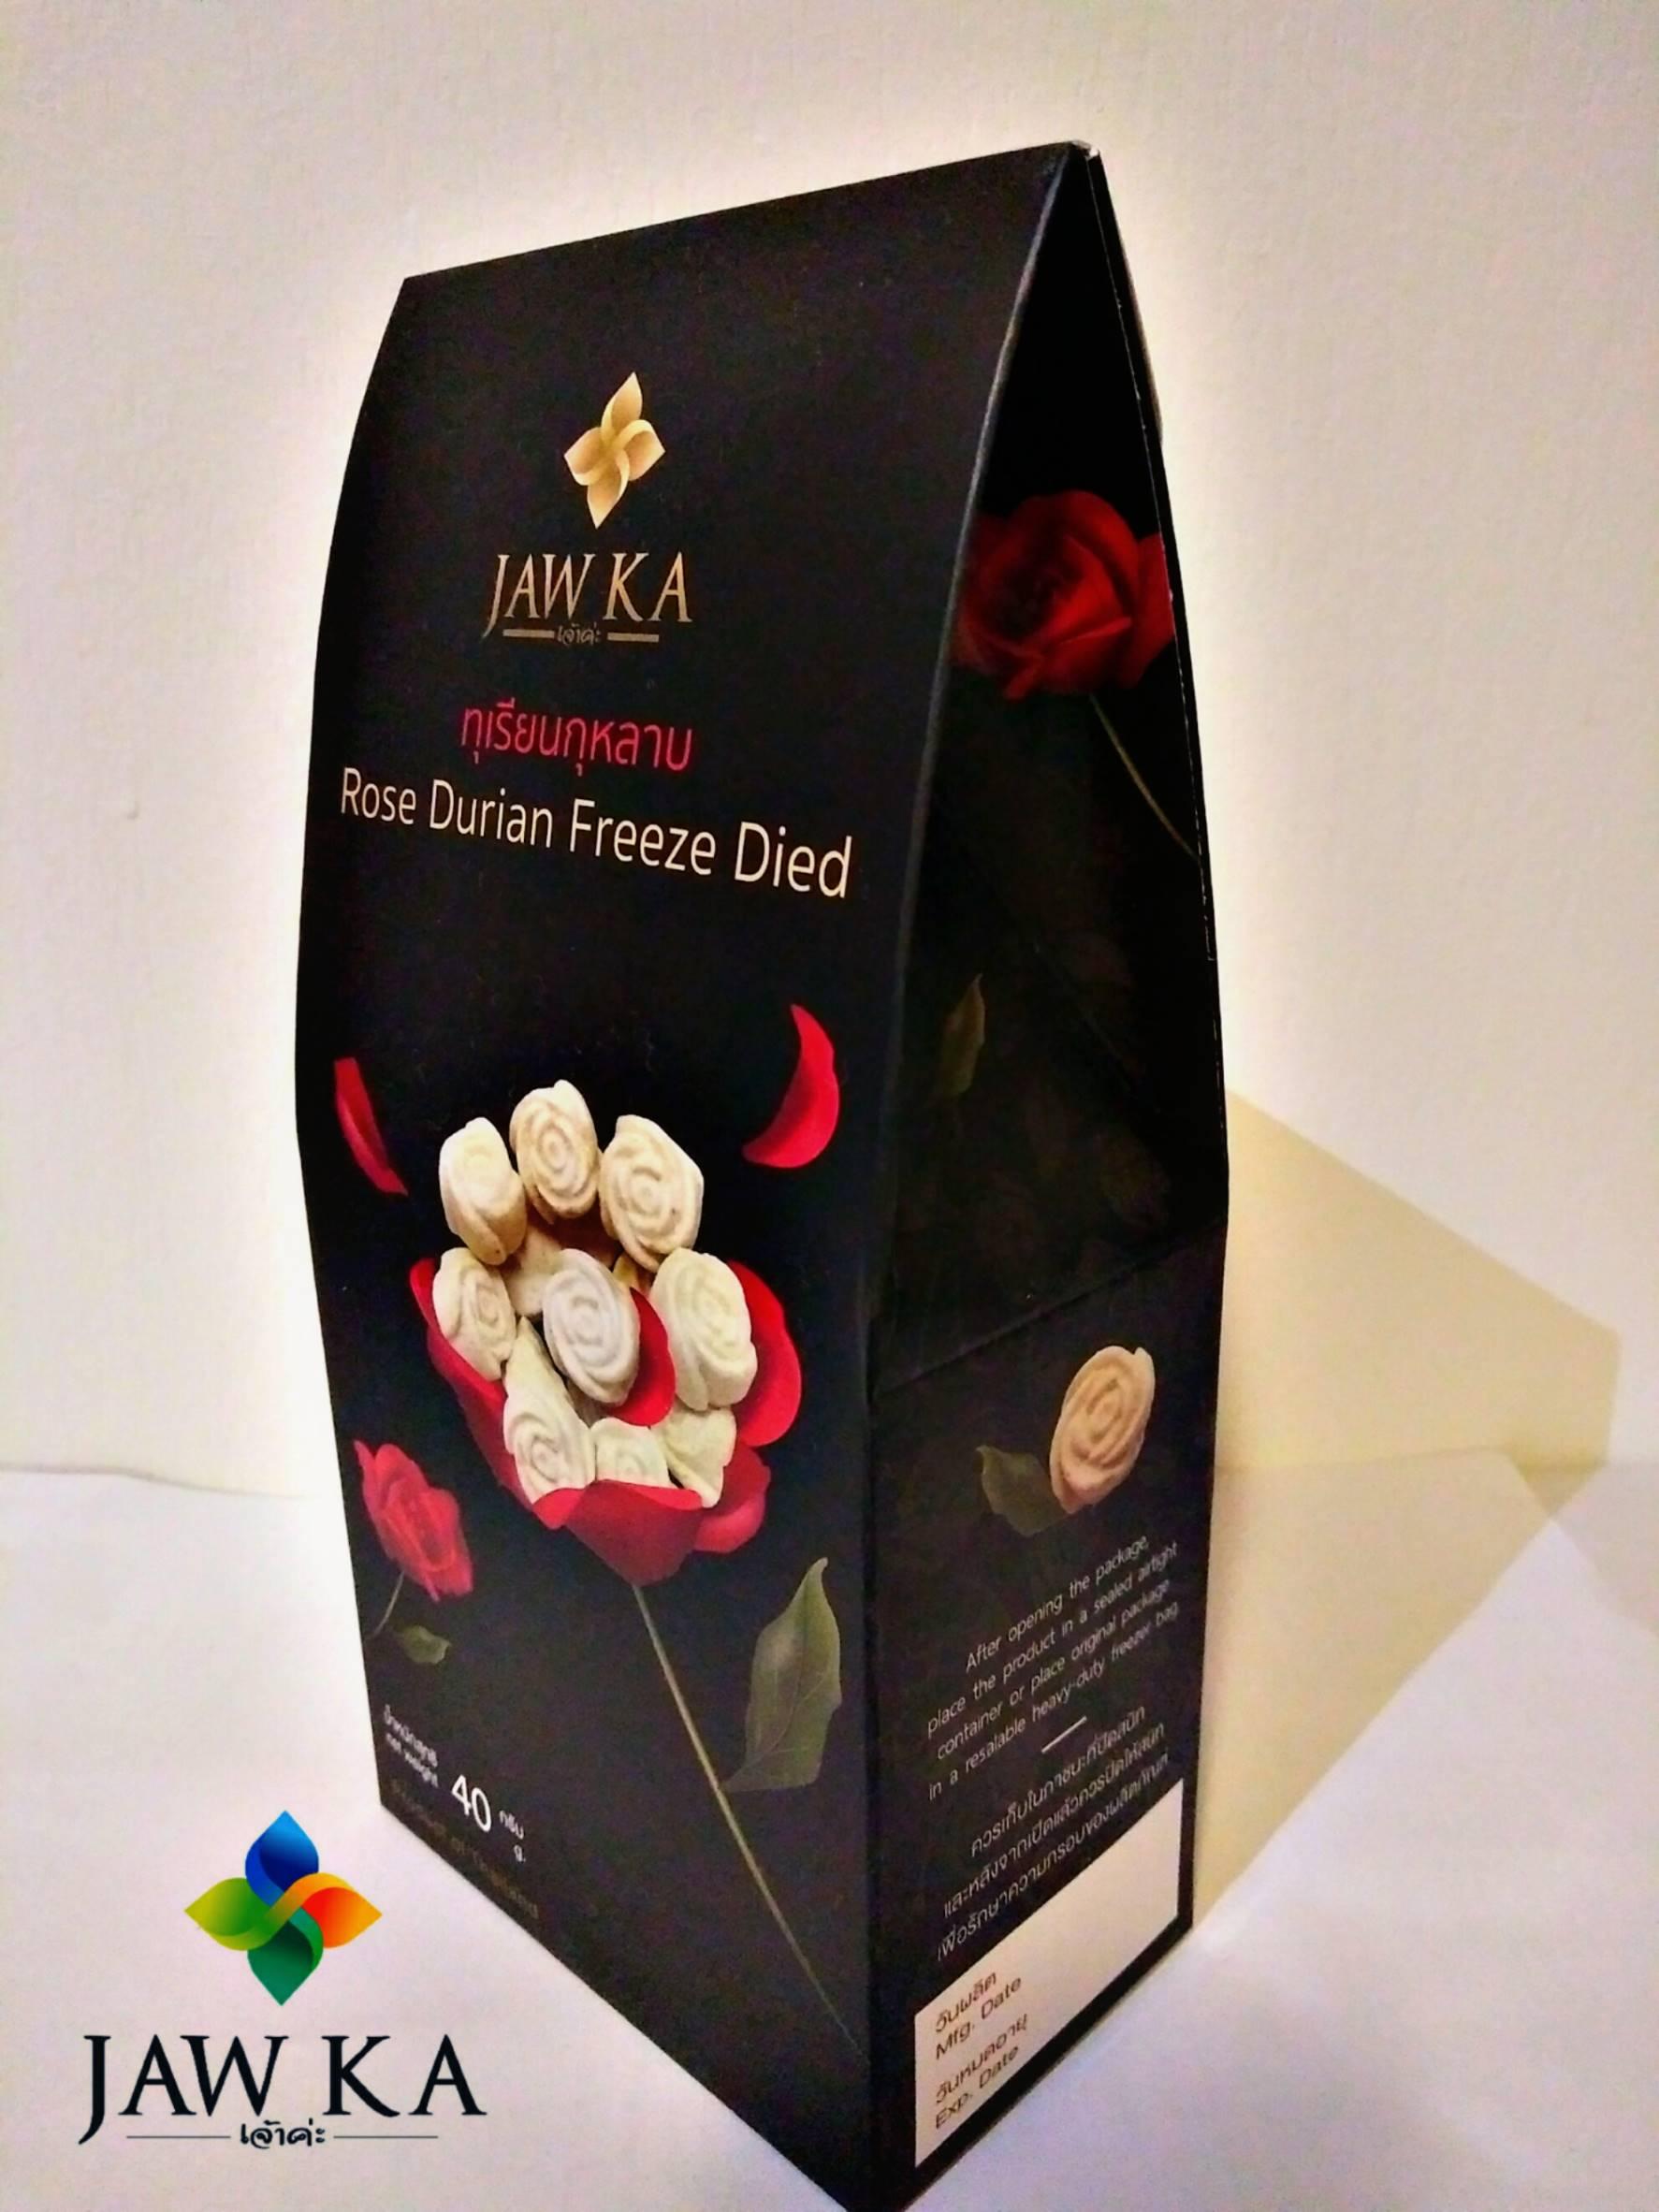 Durian freeze dried (ทุเรียนฟรีซดรายทรงกุหลาบ ตรา เจ้าค่ะ) 12 กล่อง (บรรจุกล่องละ 40 กรัม)**